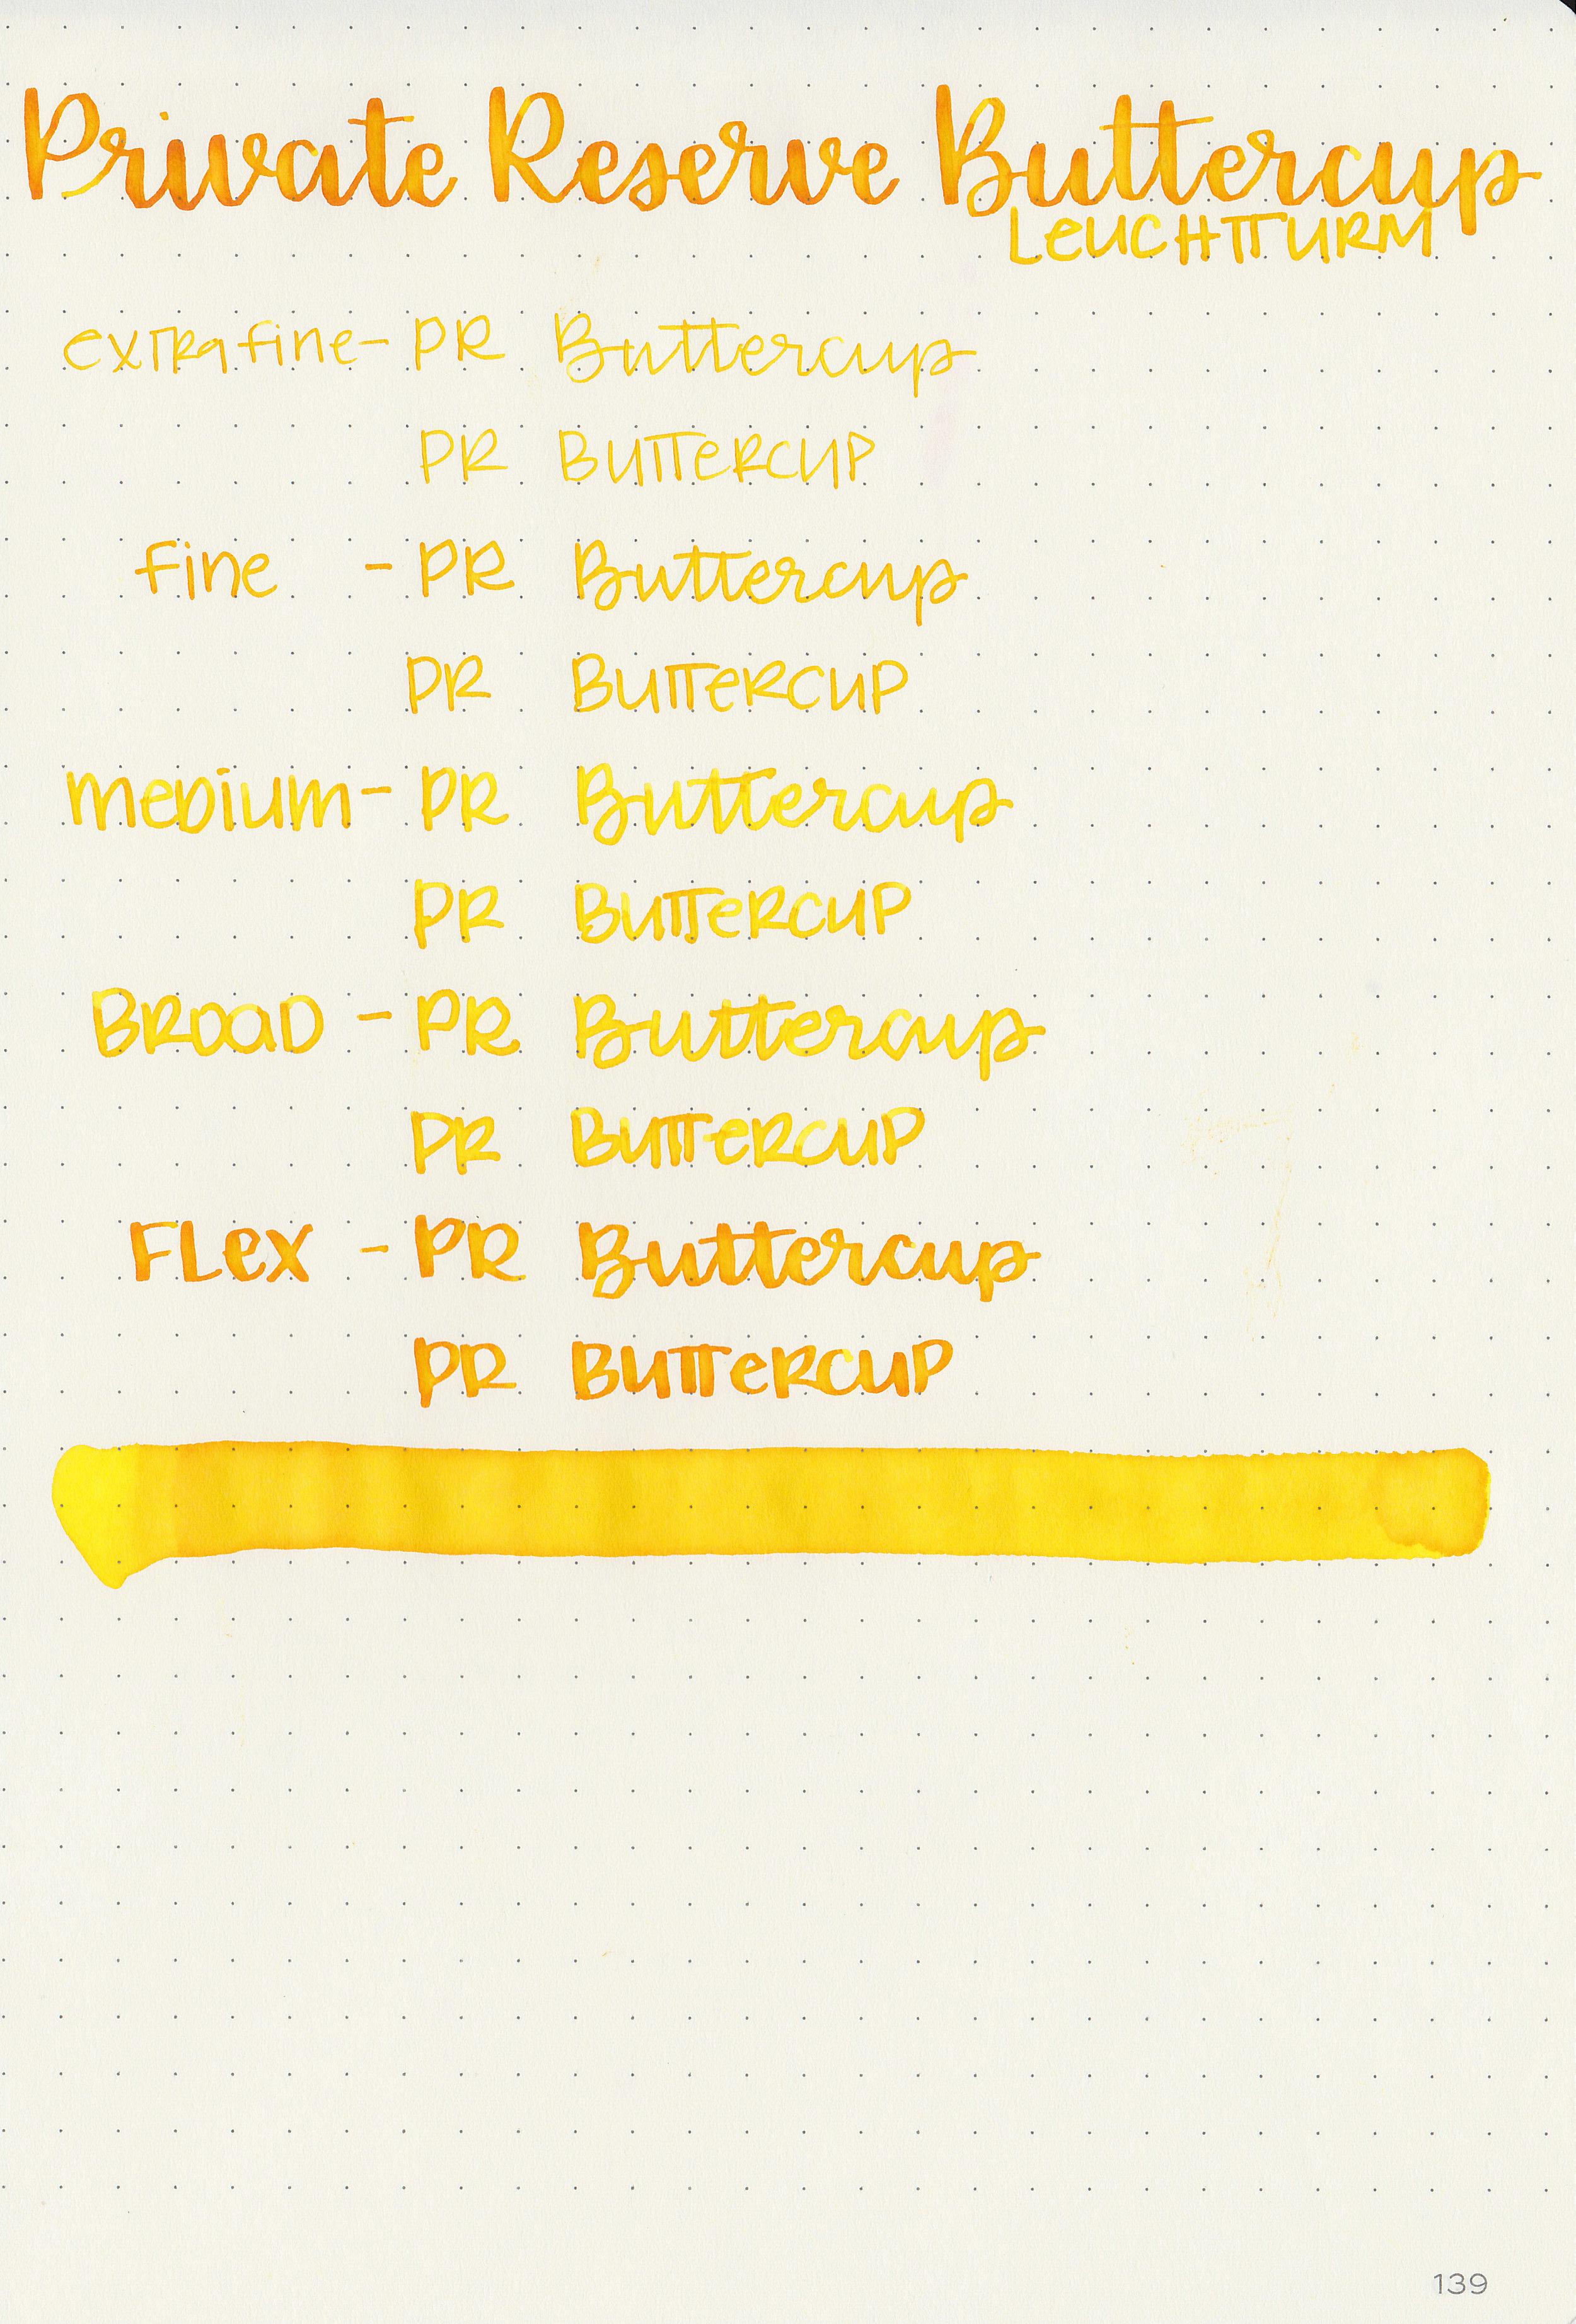 pr-buttercup-11.jpg